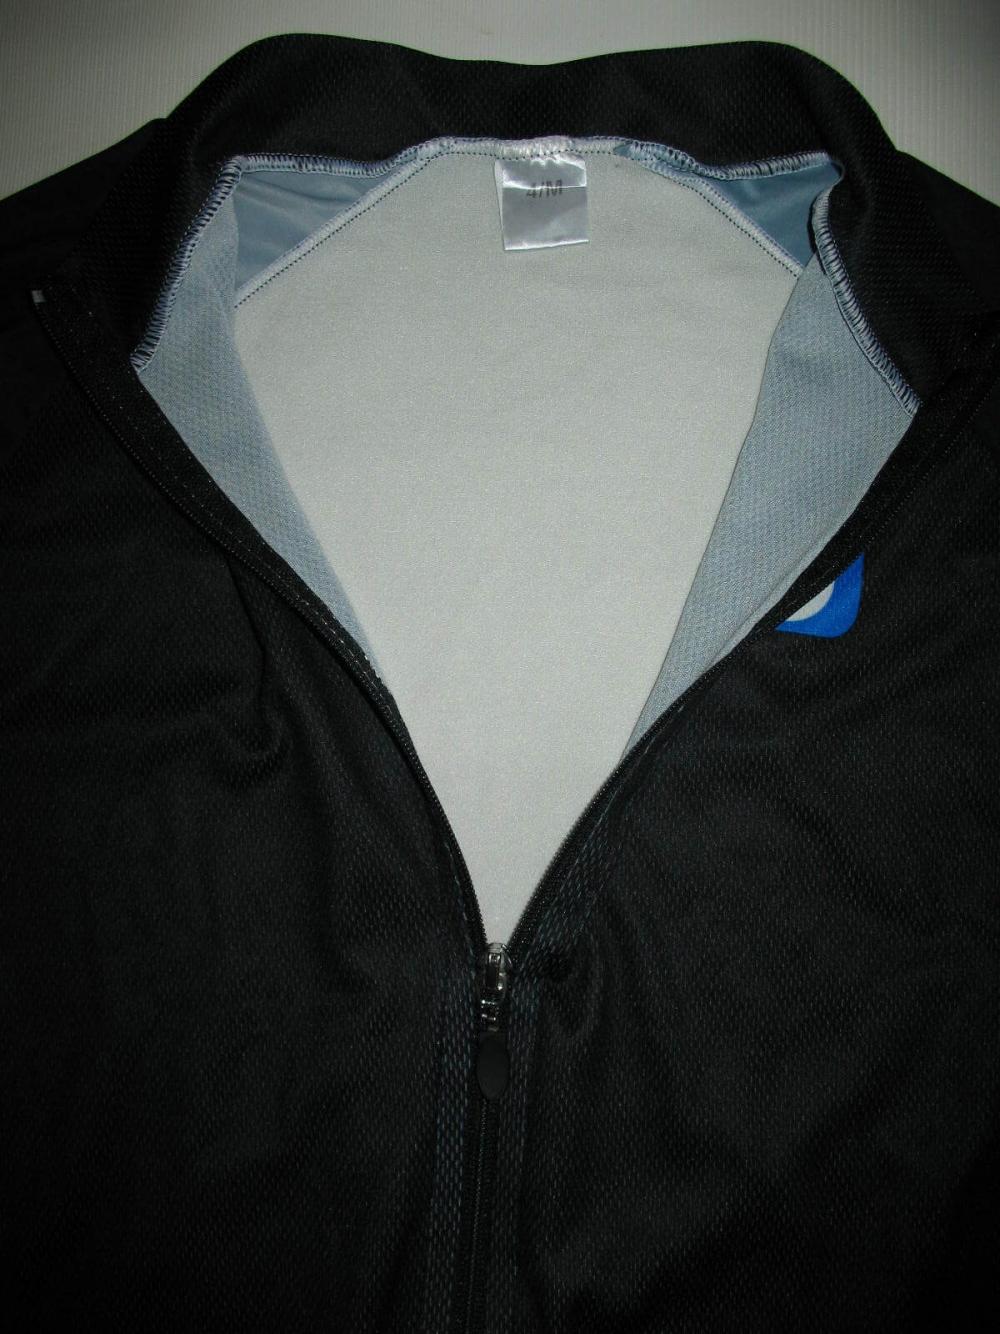 Веломайка+шорты NONAME -b- jersey+bib shorts (размер 4/M) - 6